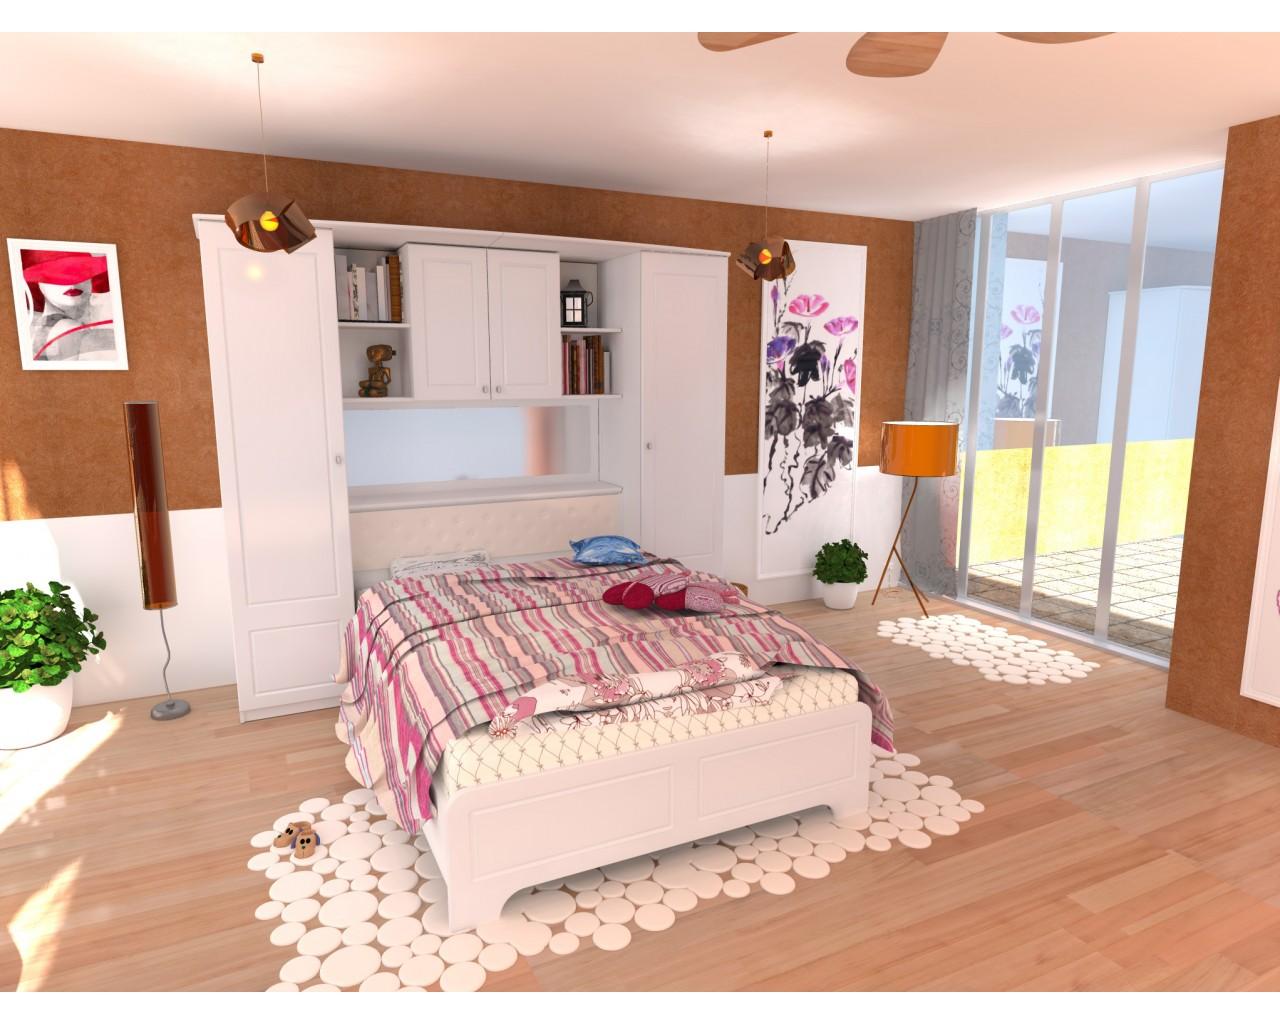 Dormitor Madrid 2-1280×1024